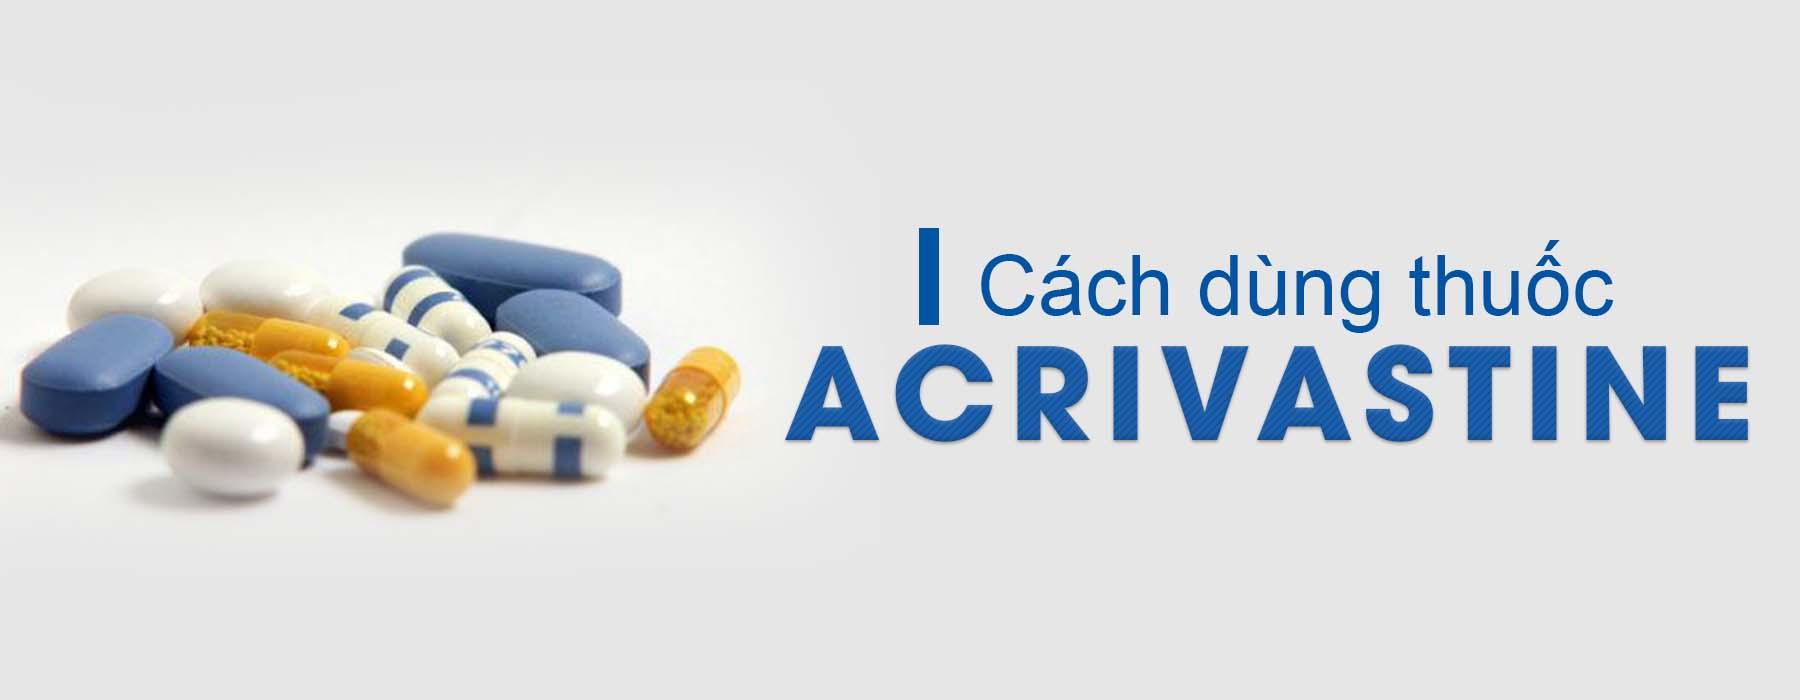 Cách dụng của thuốc Azithromycin